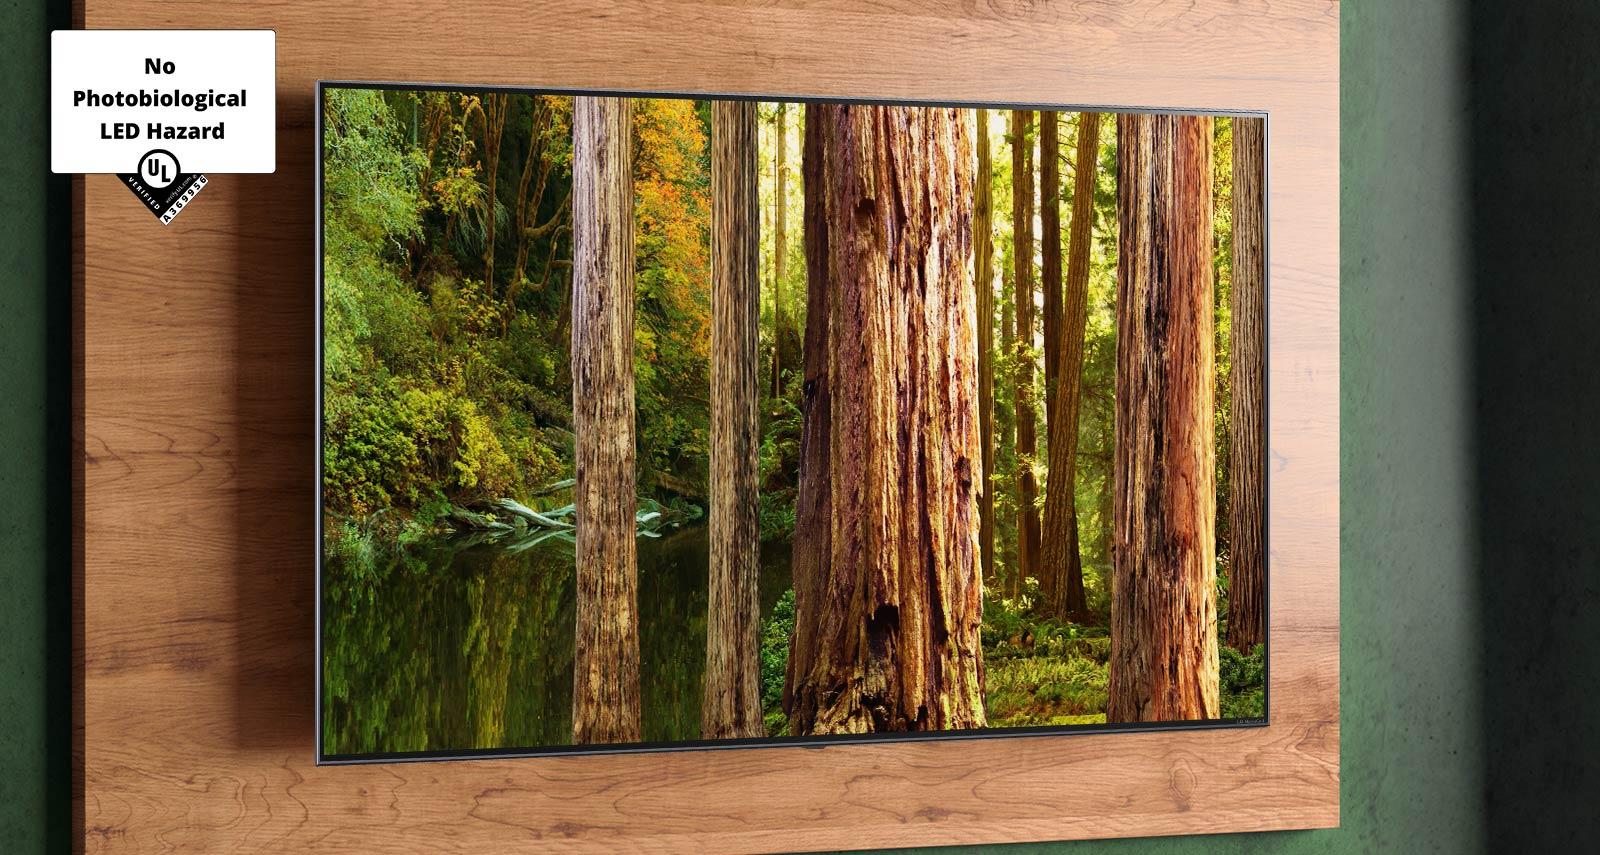 Gambar hutan di layar TV